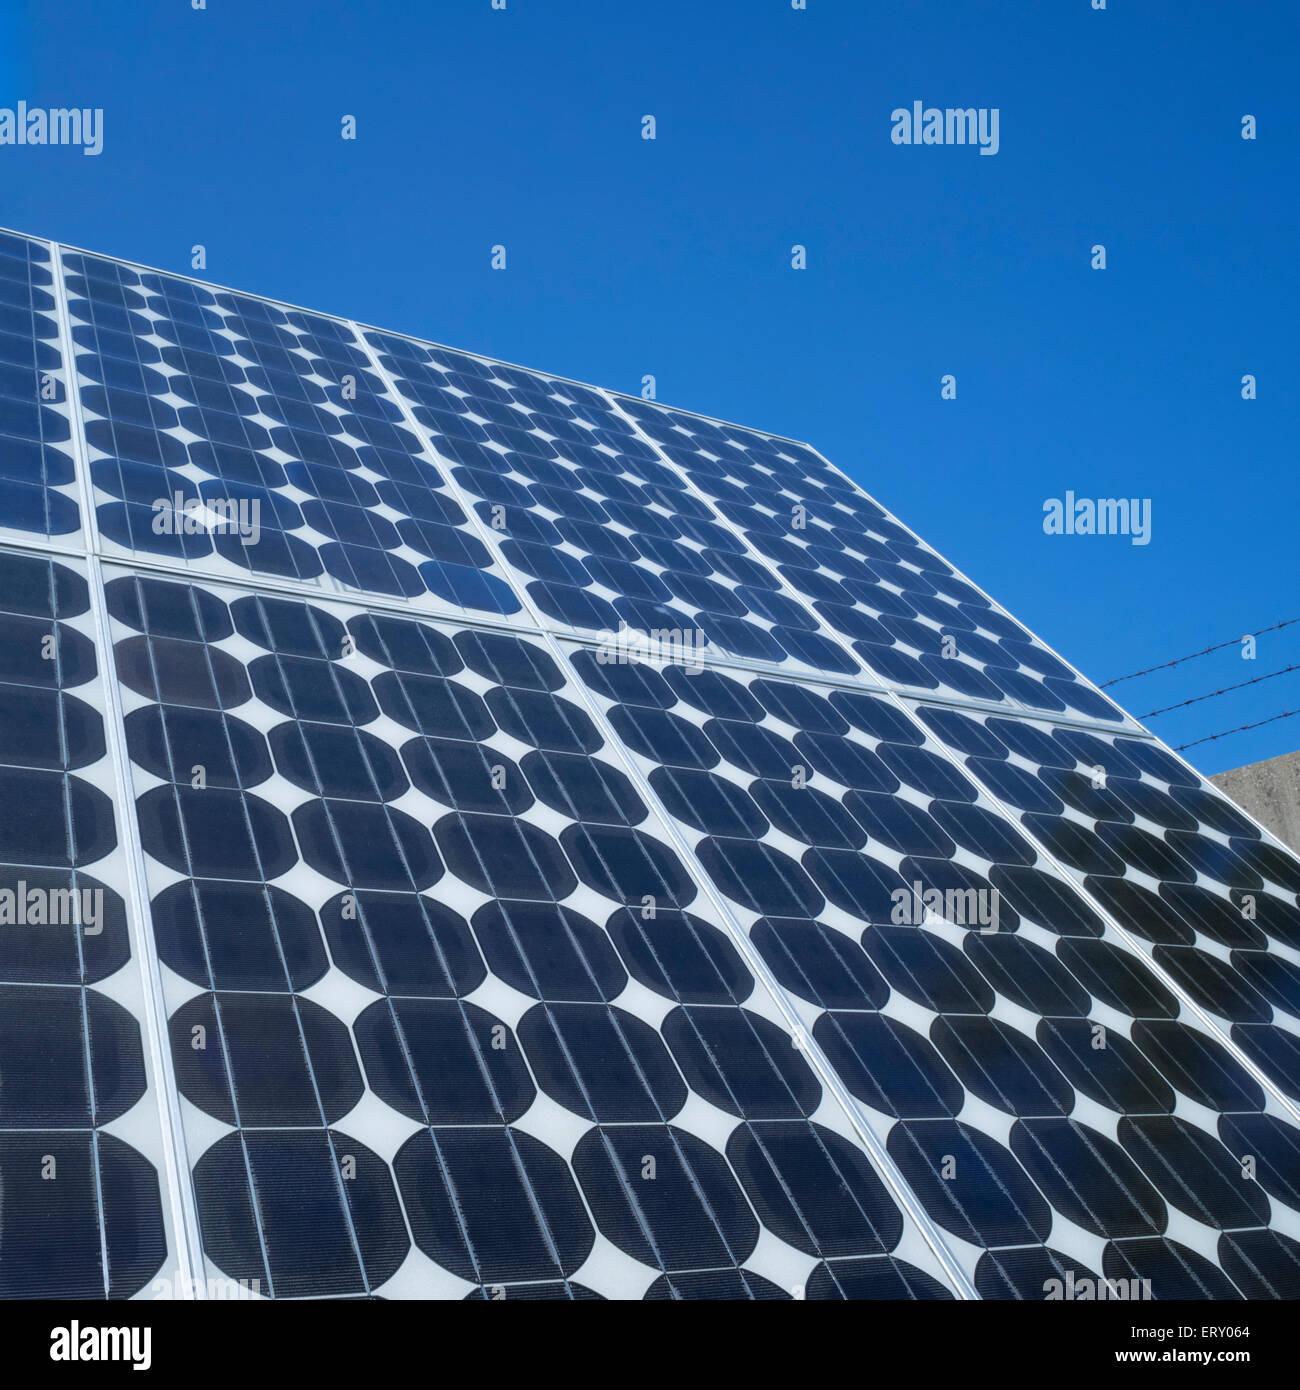 Panneau solaire photovoltaïque array close up blue sky copie espace energie renouvelable propre eco-friendly Photo Stock